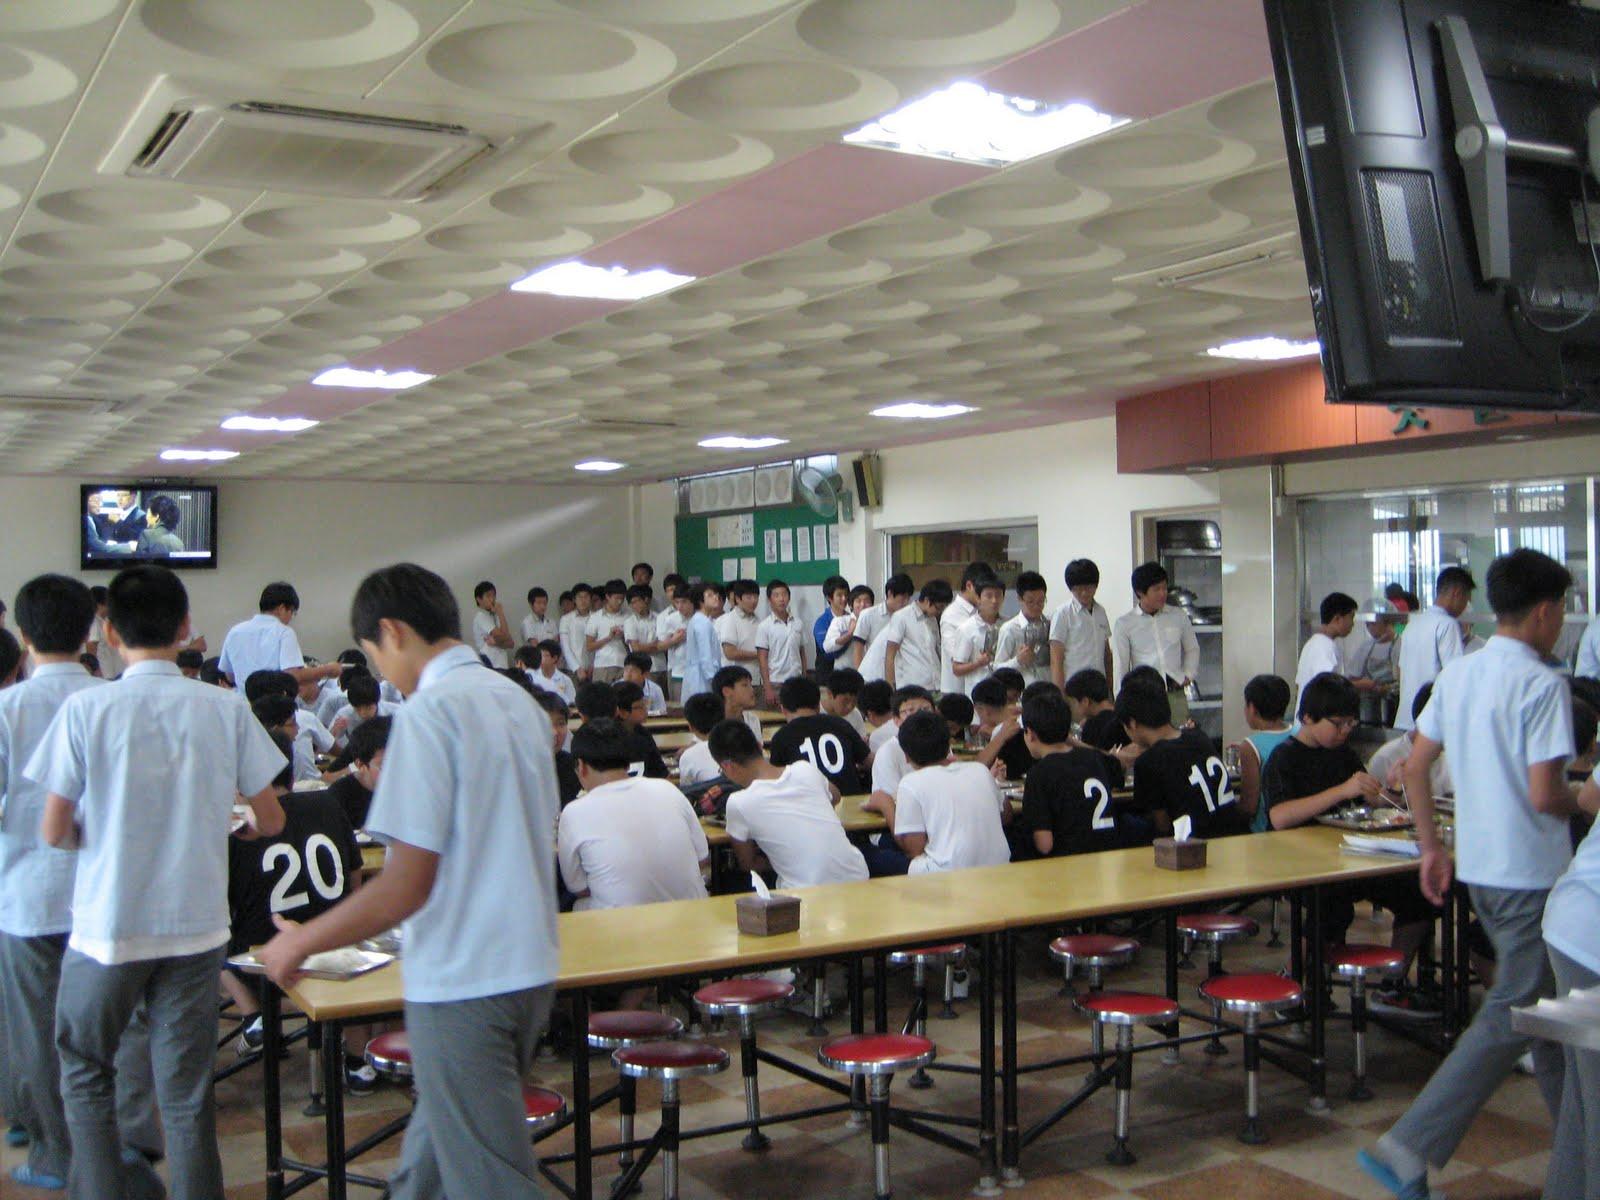 Yakihito Welcome To My School